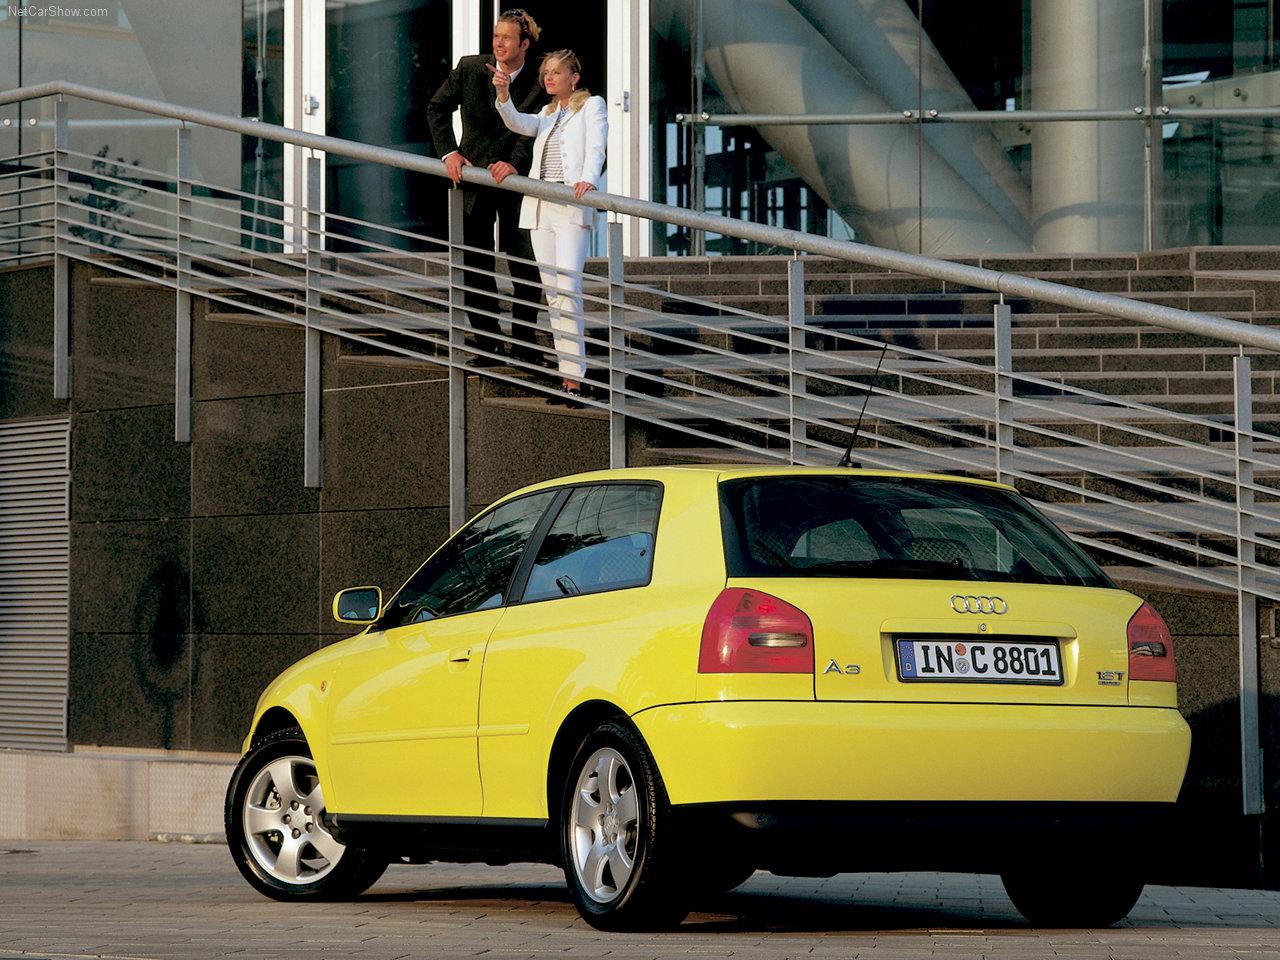 Audi A3 3p 1998 Audi-A3_3-door-1998-1280-08